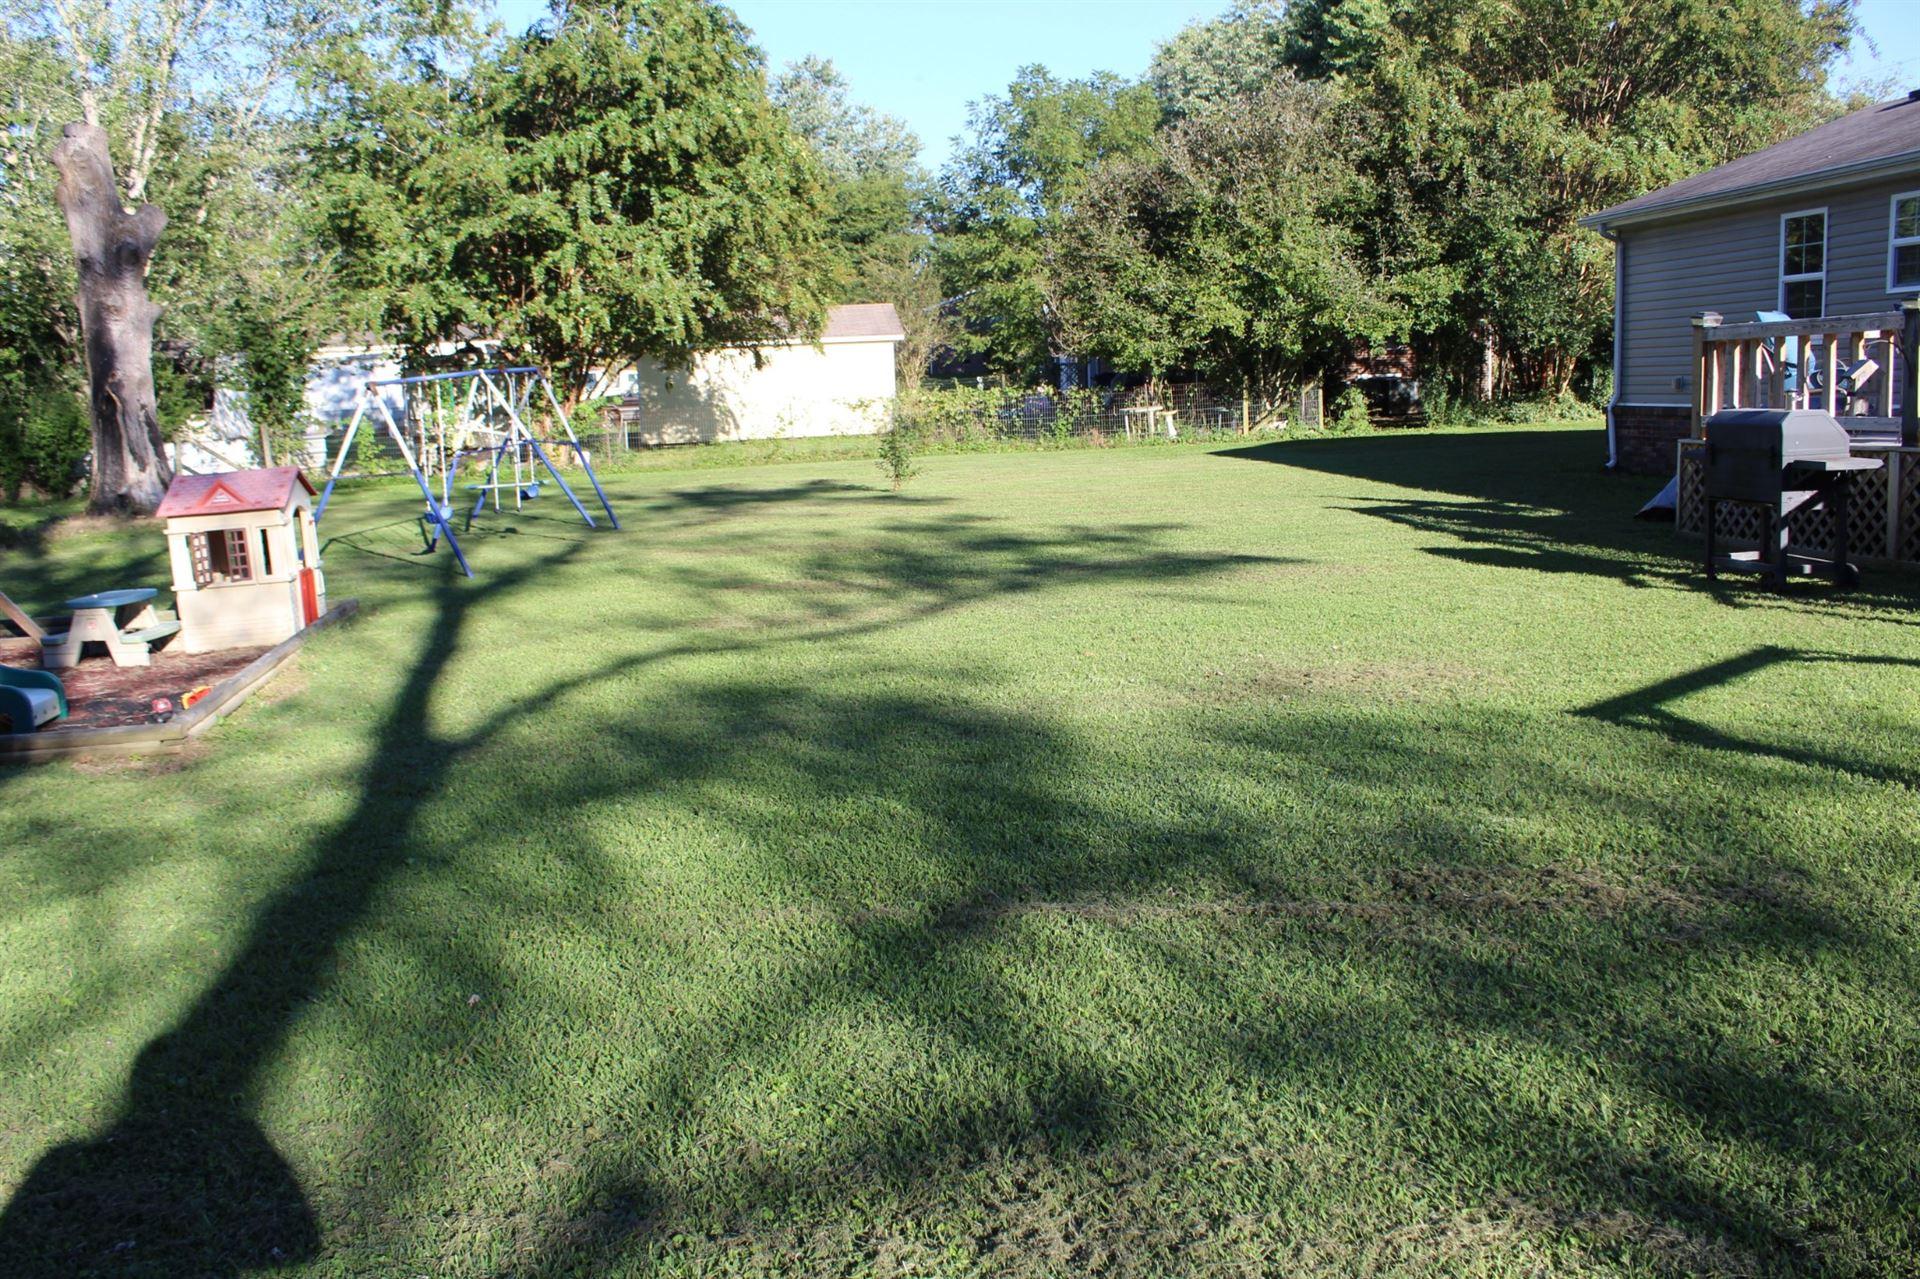 Photo of 96 Robin Hood Dr, Mc Minnville, TN 37110 (MLS # 2295241)